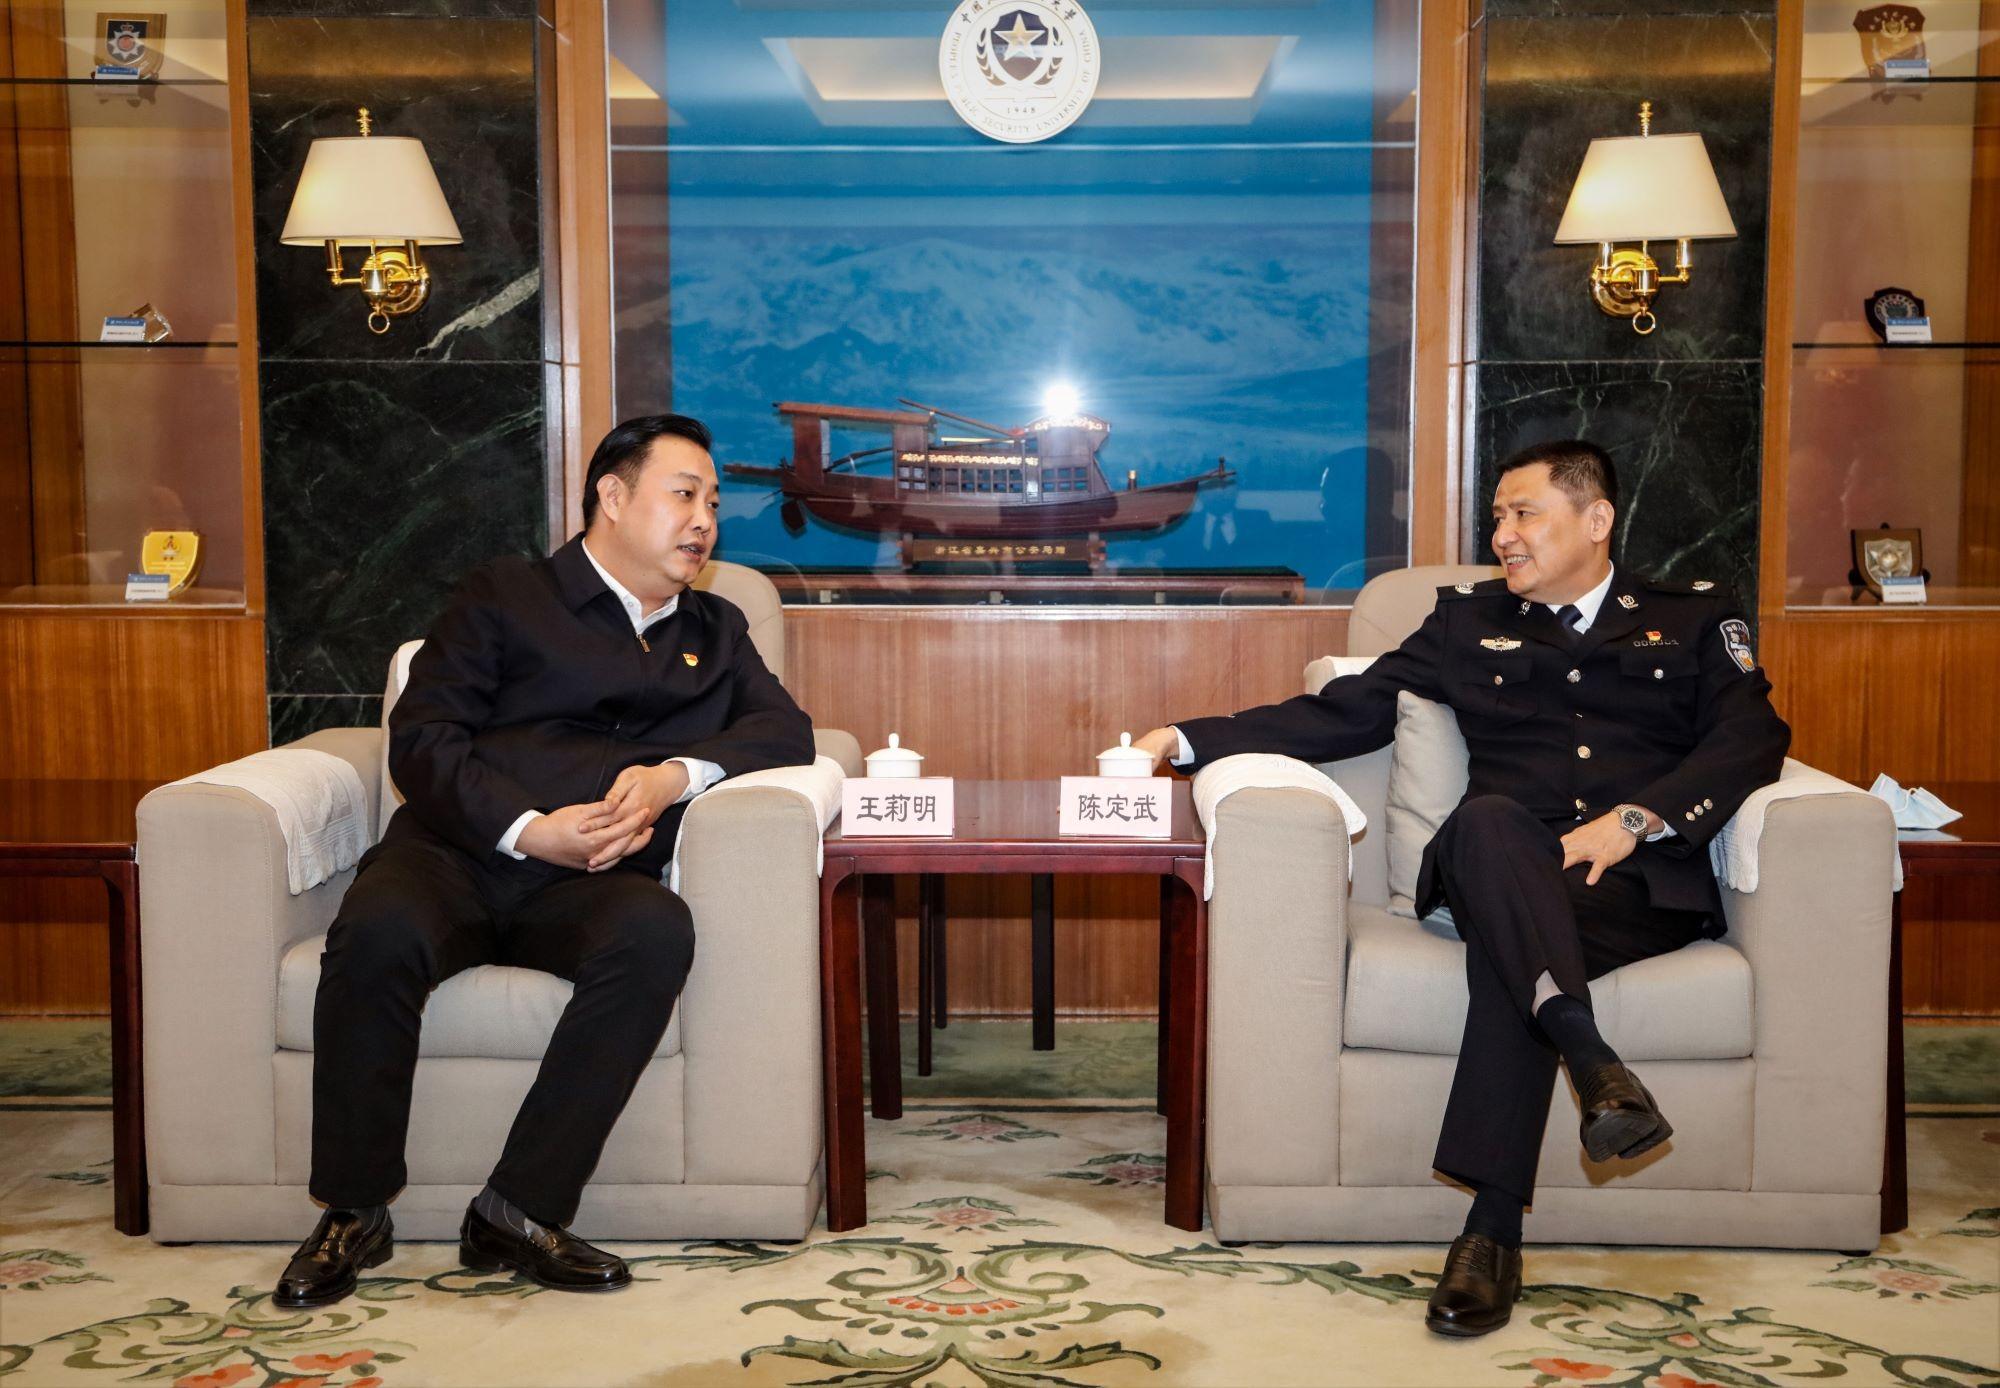 厦门东南特卫有限公司与中国人民公安大学签署合作意向书